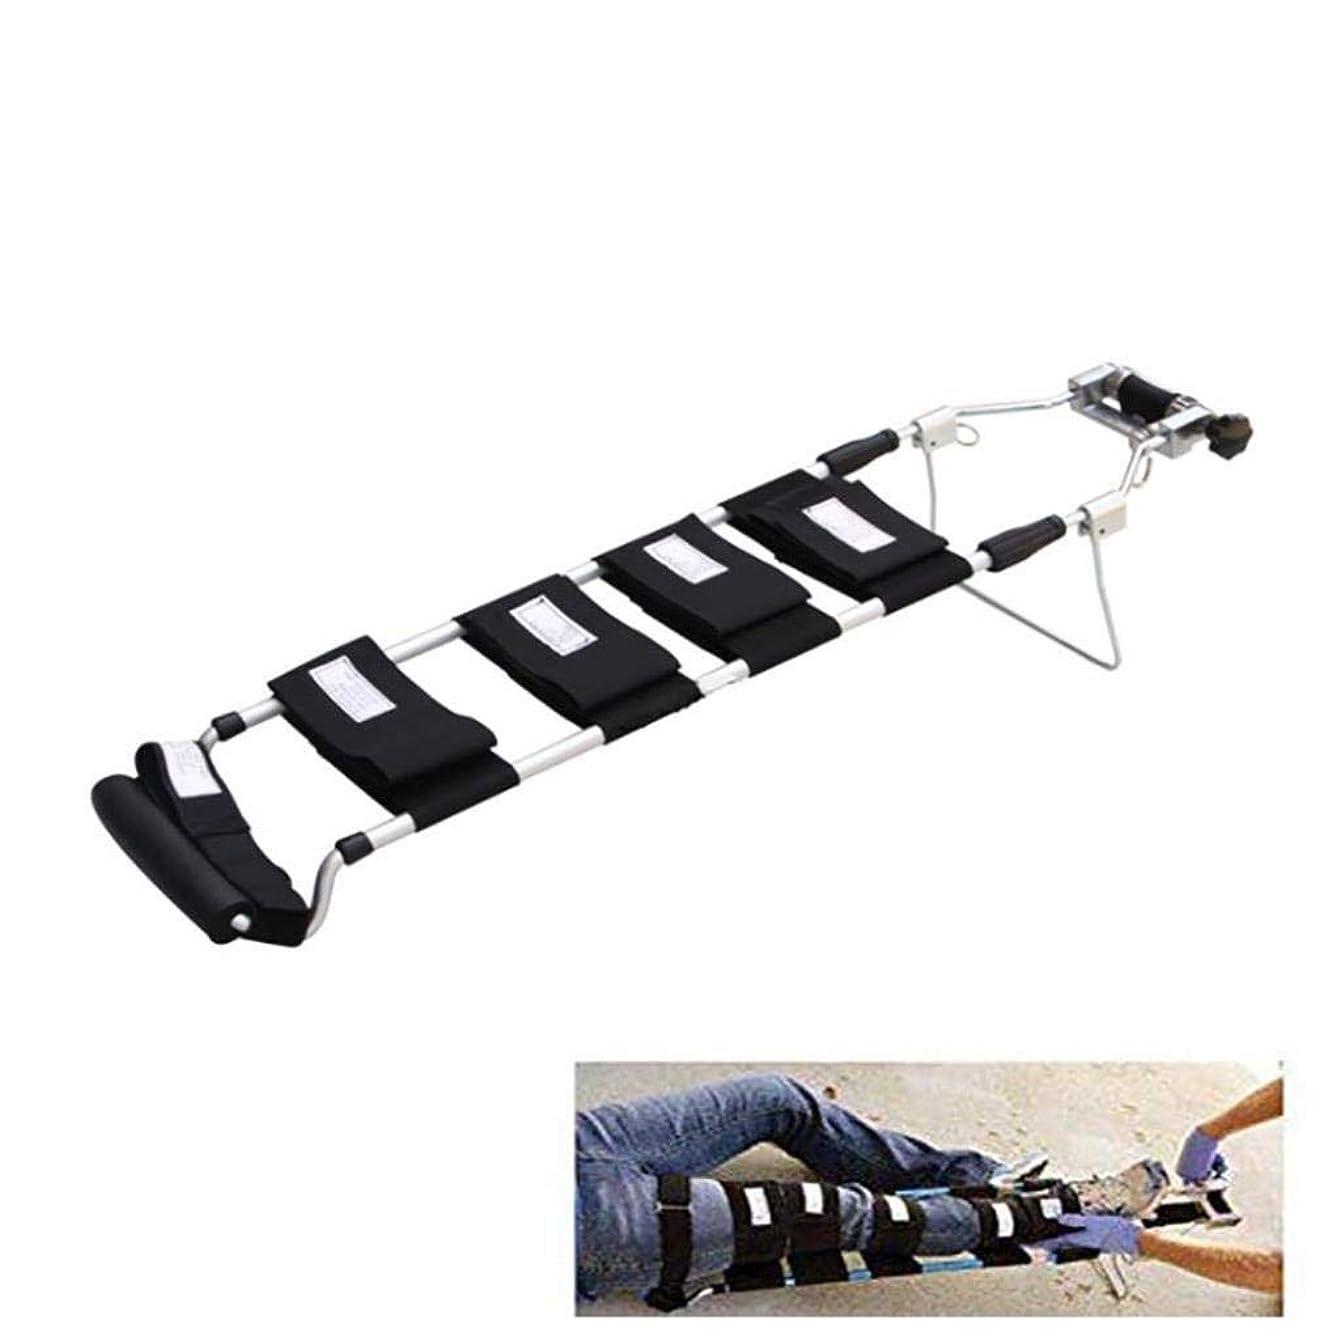 普及ラテンインシュレータ脚牽引装置整形外科、牽引副木、調整可能な足首ストラップ伸縮設計、脚緊急レトラクタ付き (Color : Children)